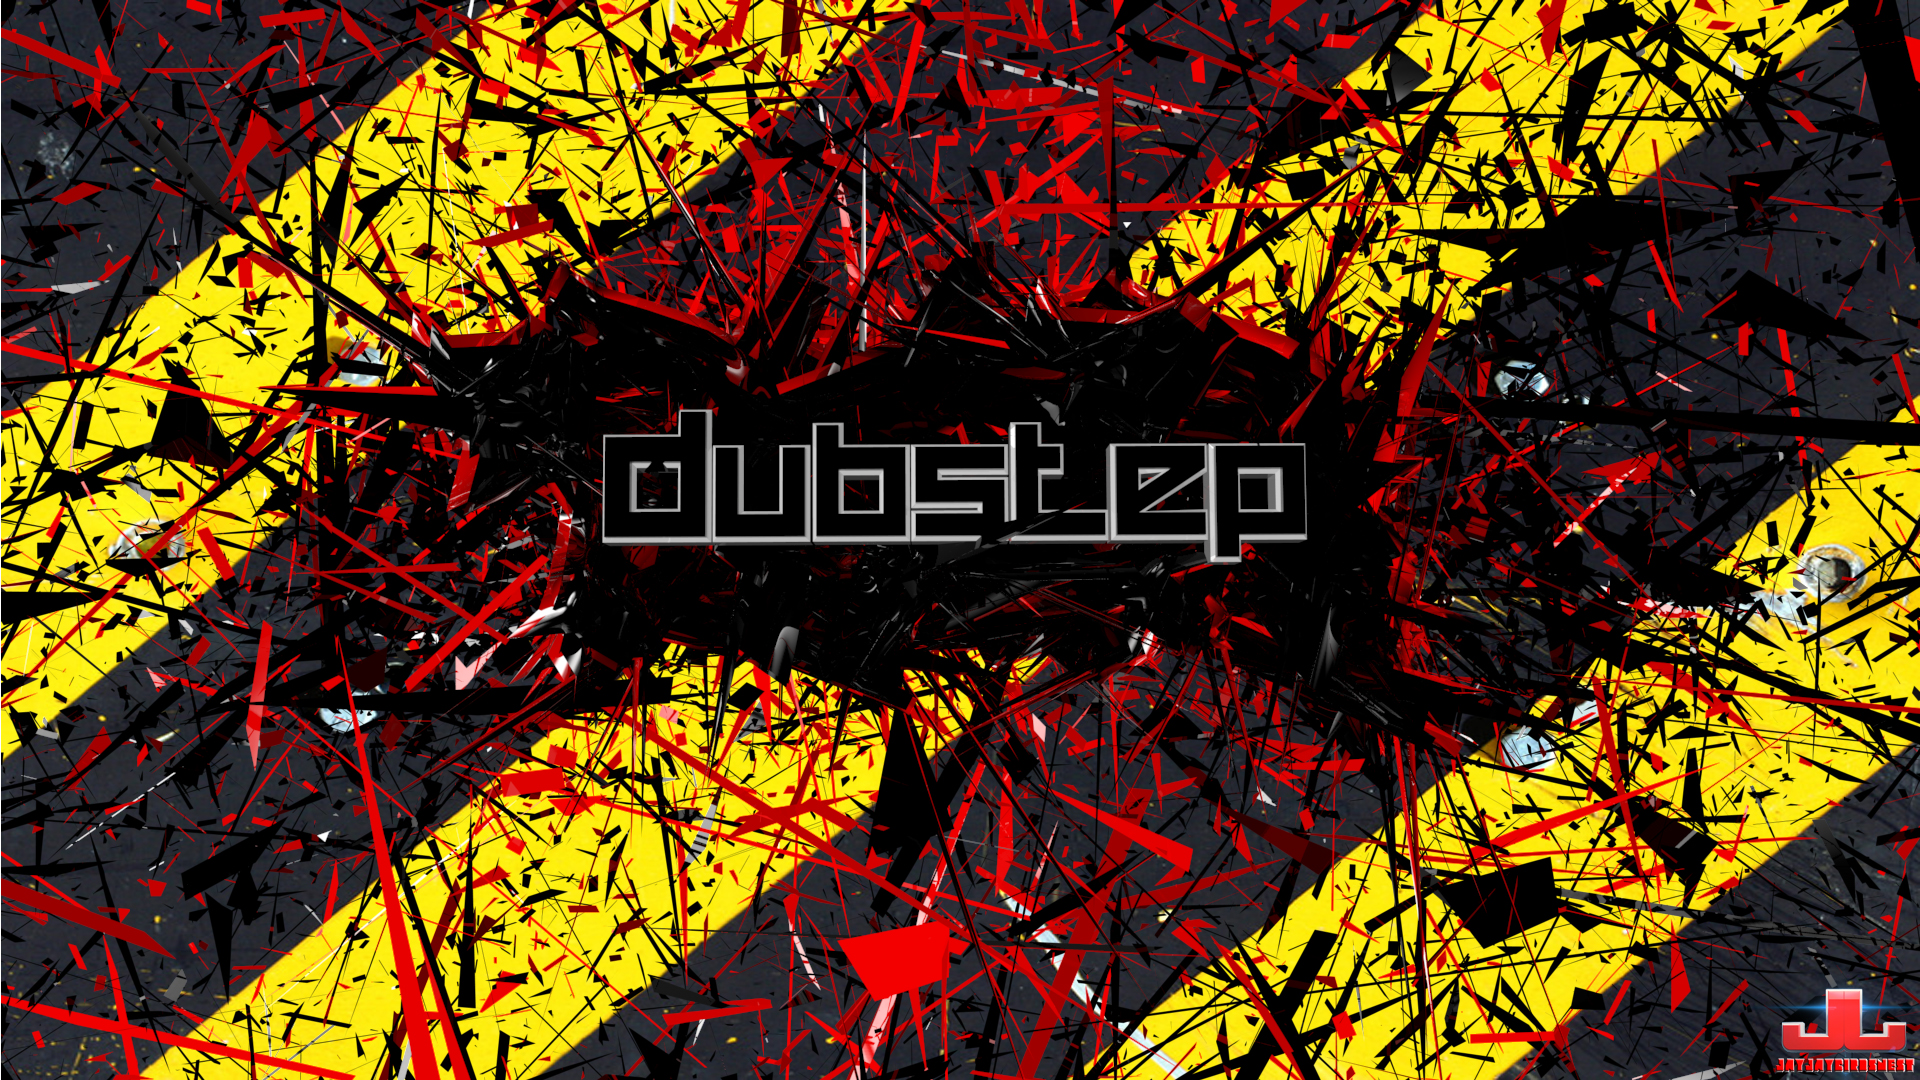 Dubstep wallpaper